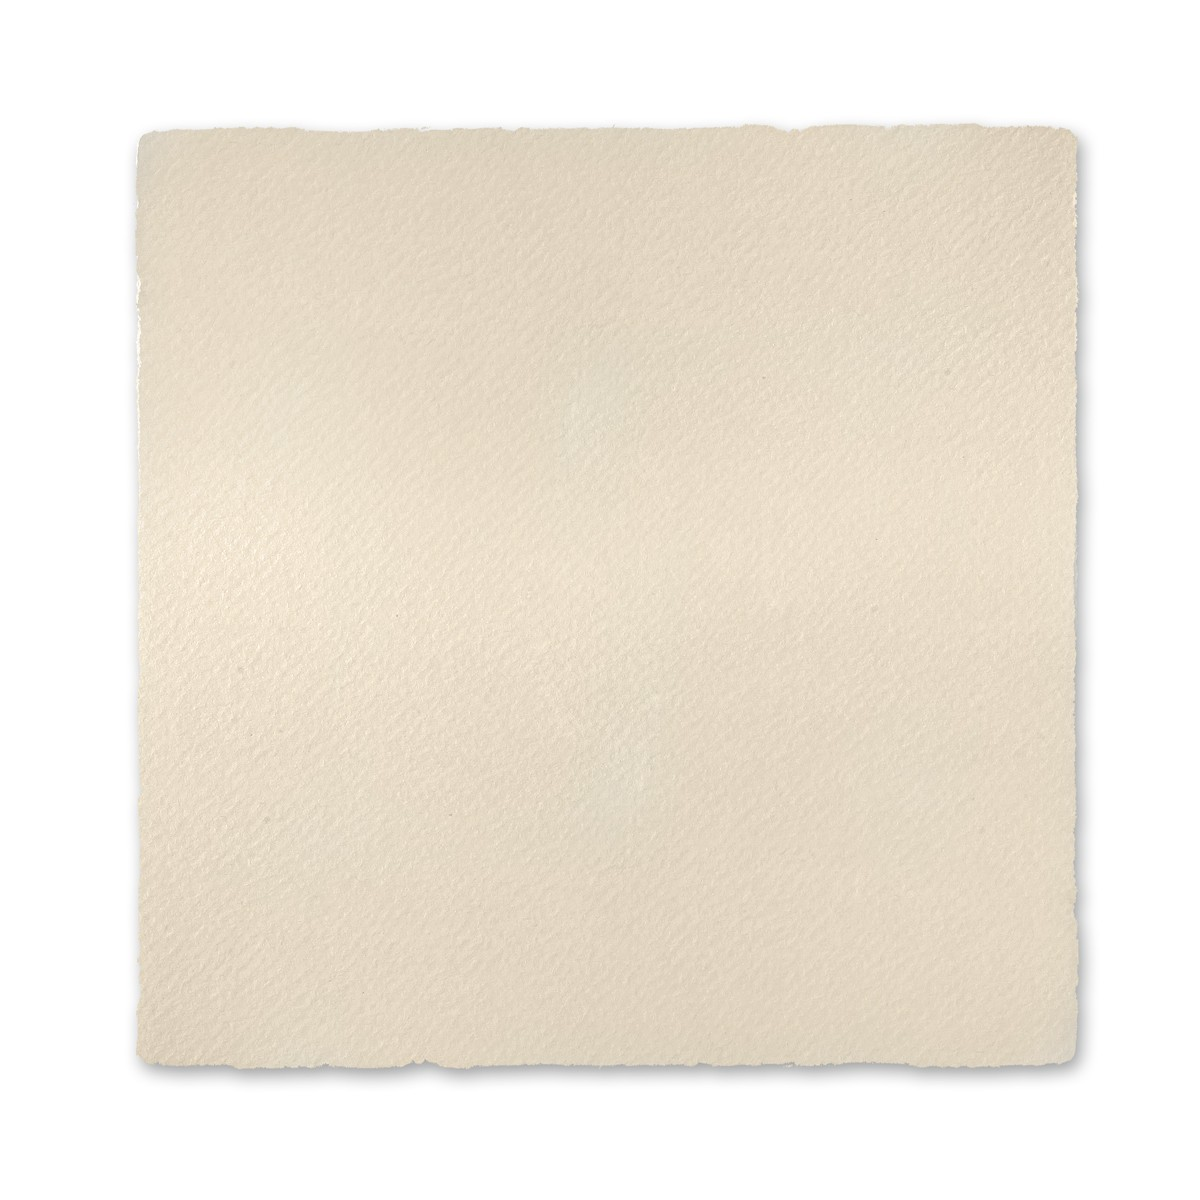 """Arturo Soft White Square Grande Invitation Cards (7SQSC) 97# Cover (7"""" x 7"""") Pack of 50"""